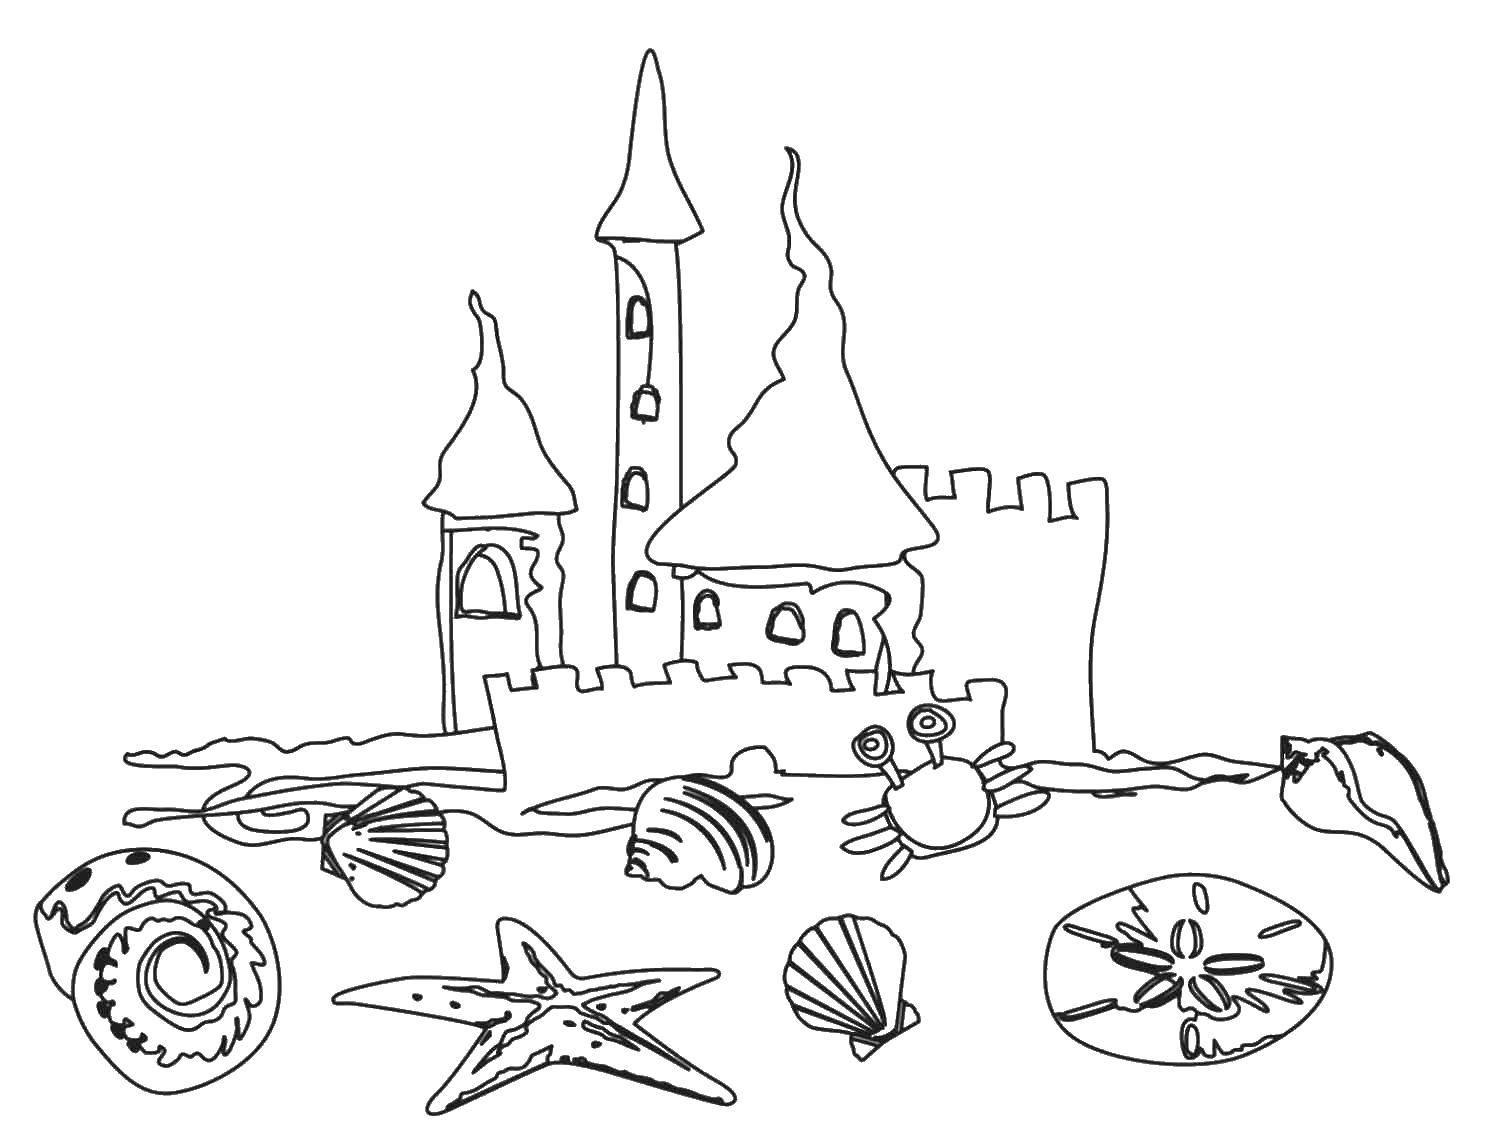 Название: Раскраска Замок на пляже. Категория: Летние развлечения. Теги: пляж, море, песок, краб.